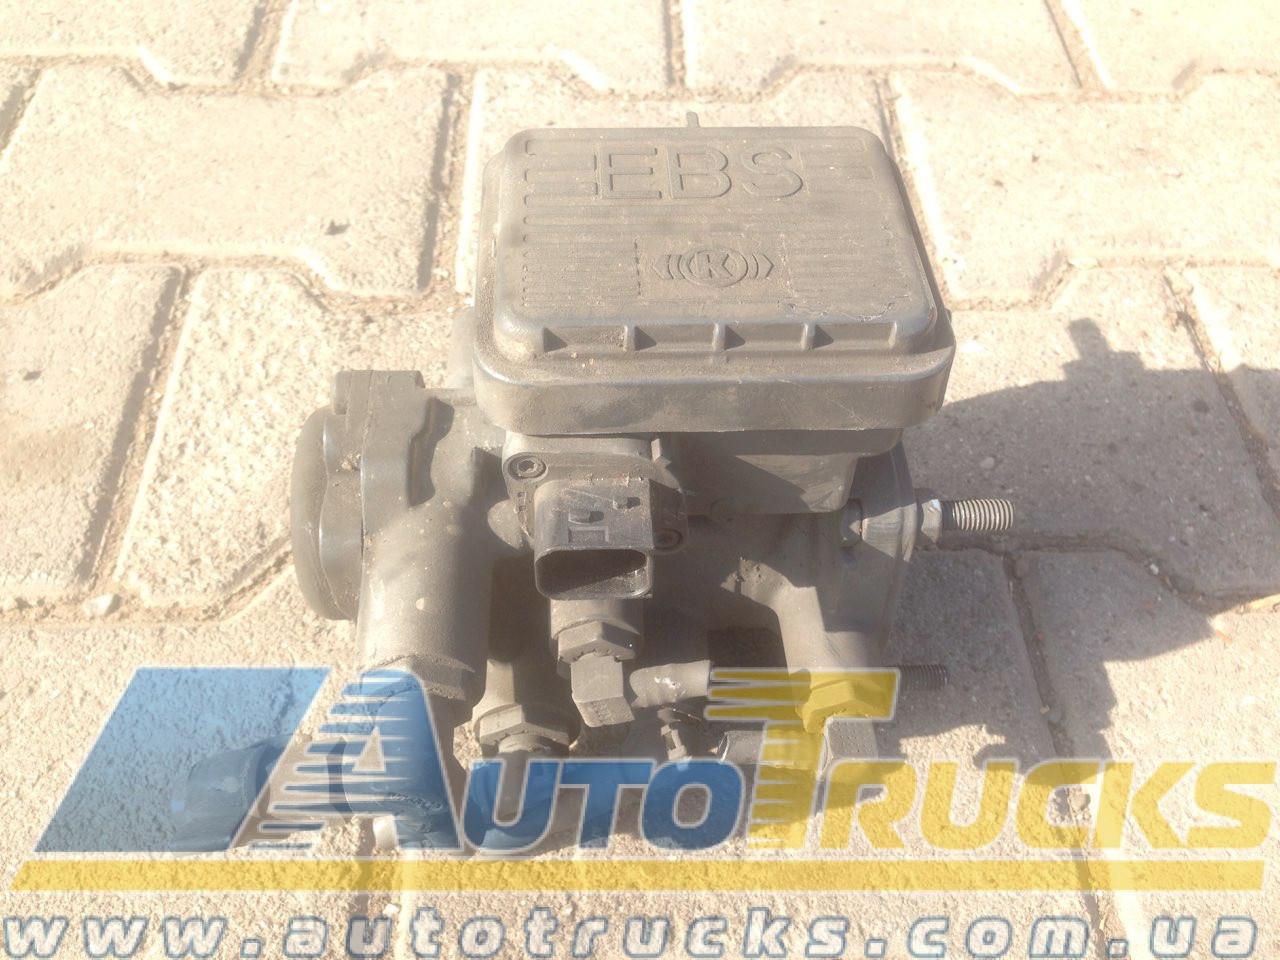 Кран EBS MB ACTROS MP4 Б/у для Mercedes-Benz Actros (K000920; 0014311013; 0014311002)